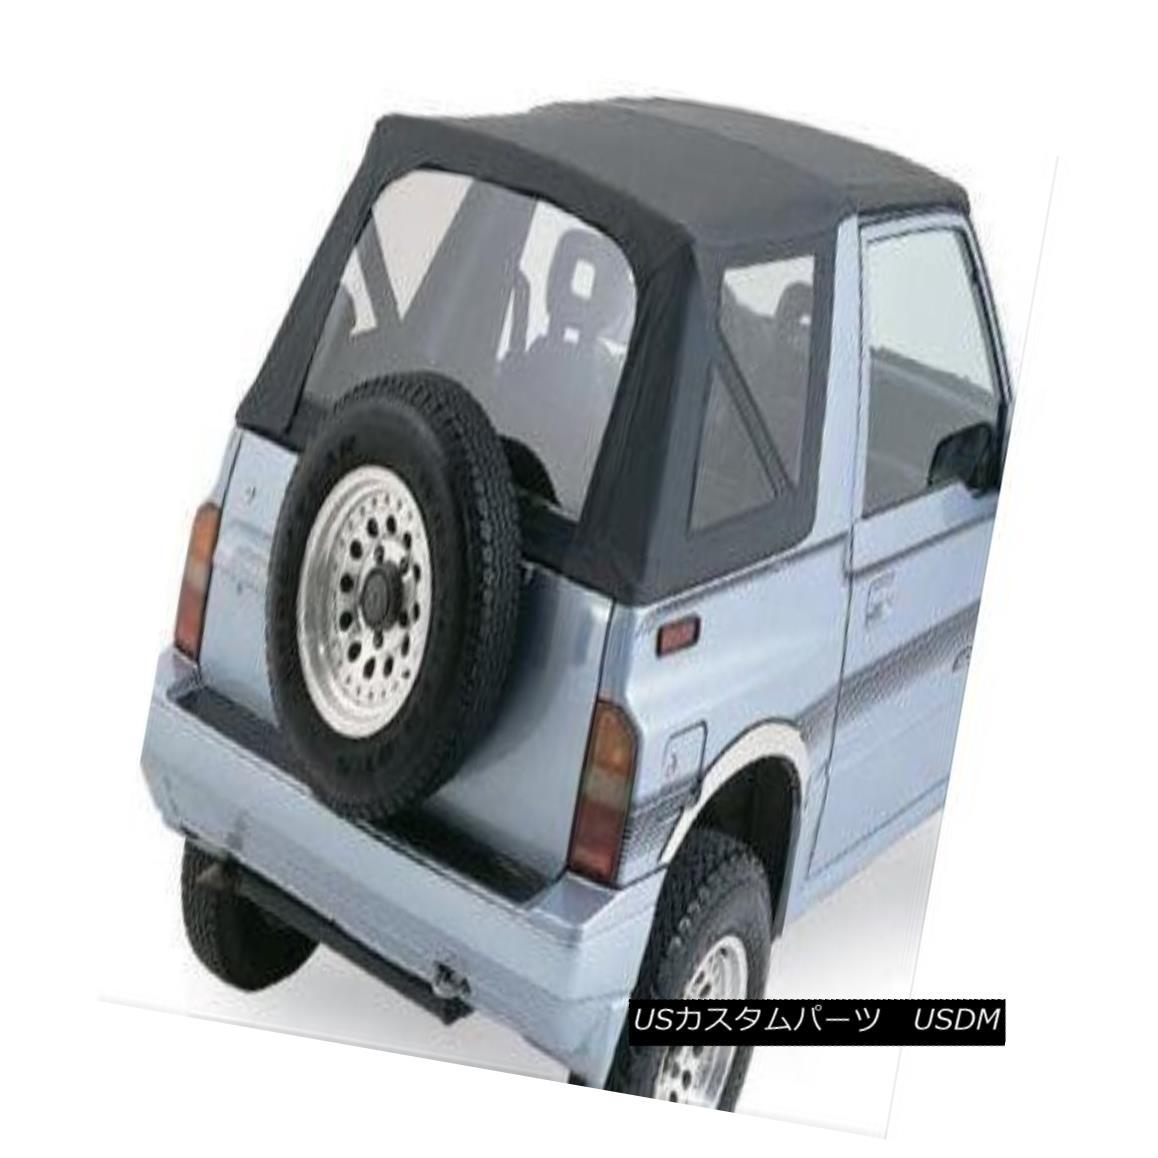 幌・ソフトトップ Rampage Soft Top Replacement Top Vinyl Black Diamond Geo Suzuki Each 98835 ランペイジソフトトップ交換トップビニールブラックダイヤモンドGeo Suzuki Each 98835